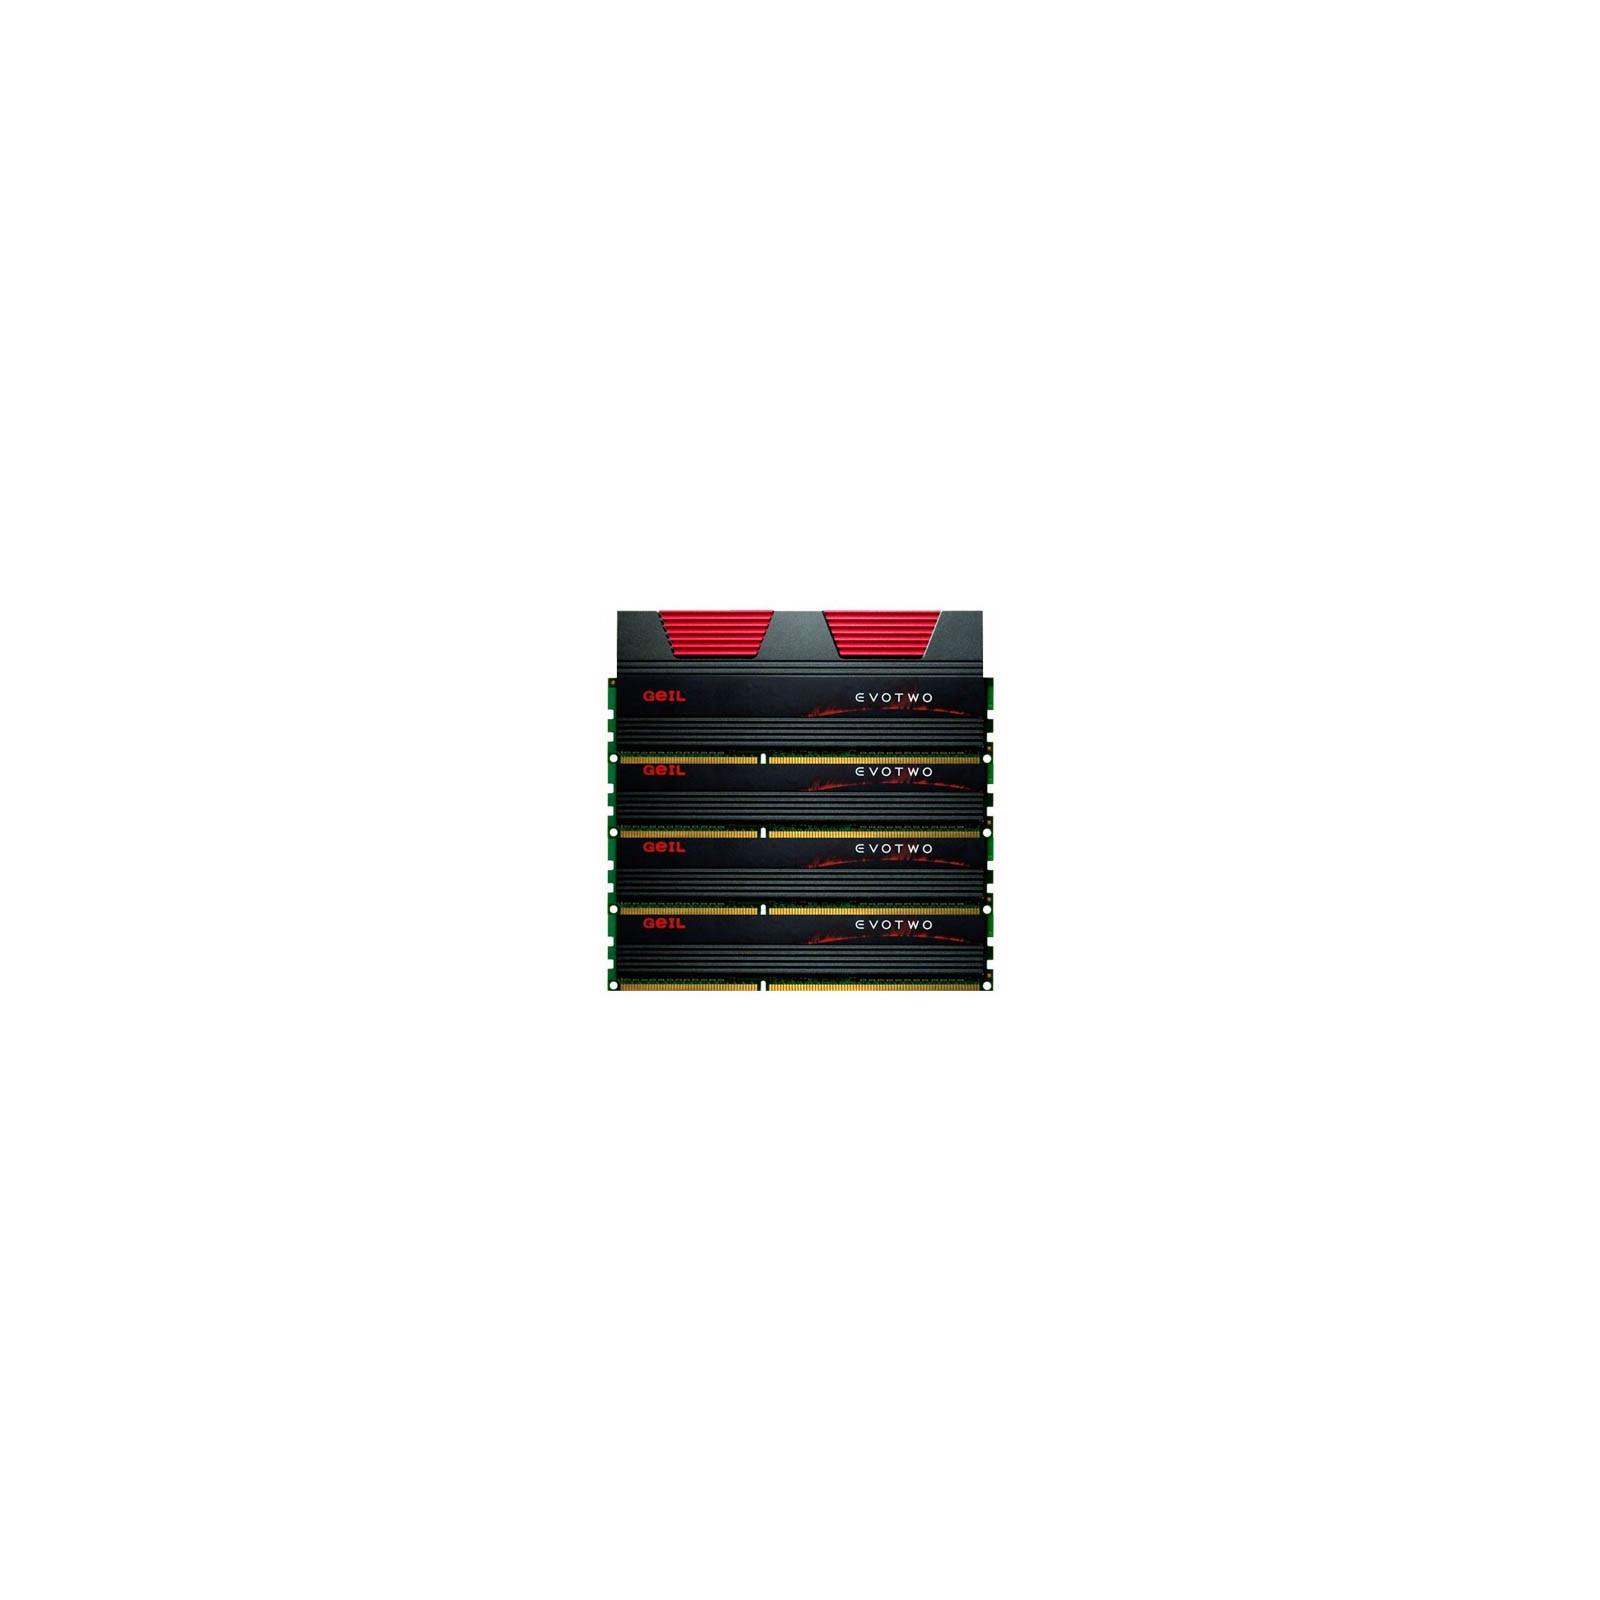 Модуль памяти для компьютера DDR3 16GB (4x4GB) 1866 MHz GEIL (GET316GB1866C9QC)